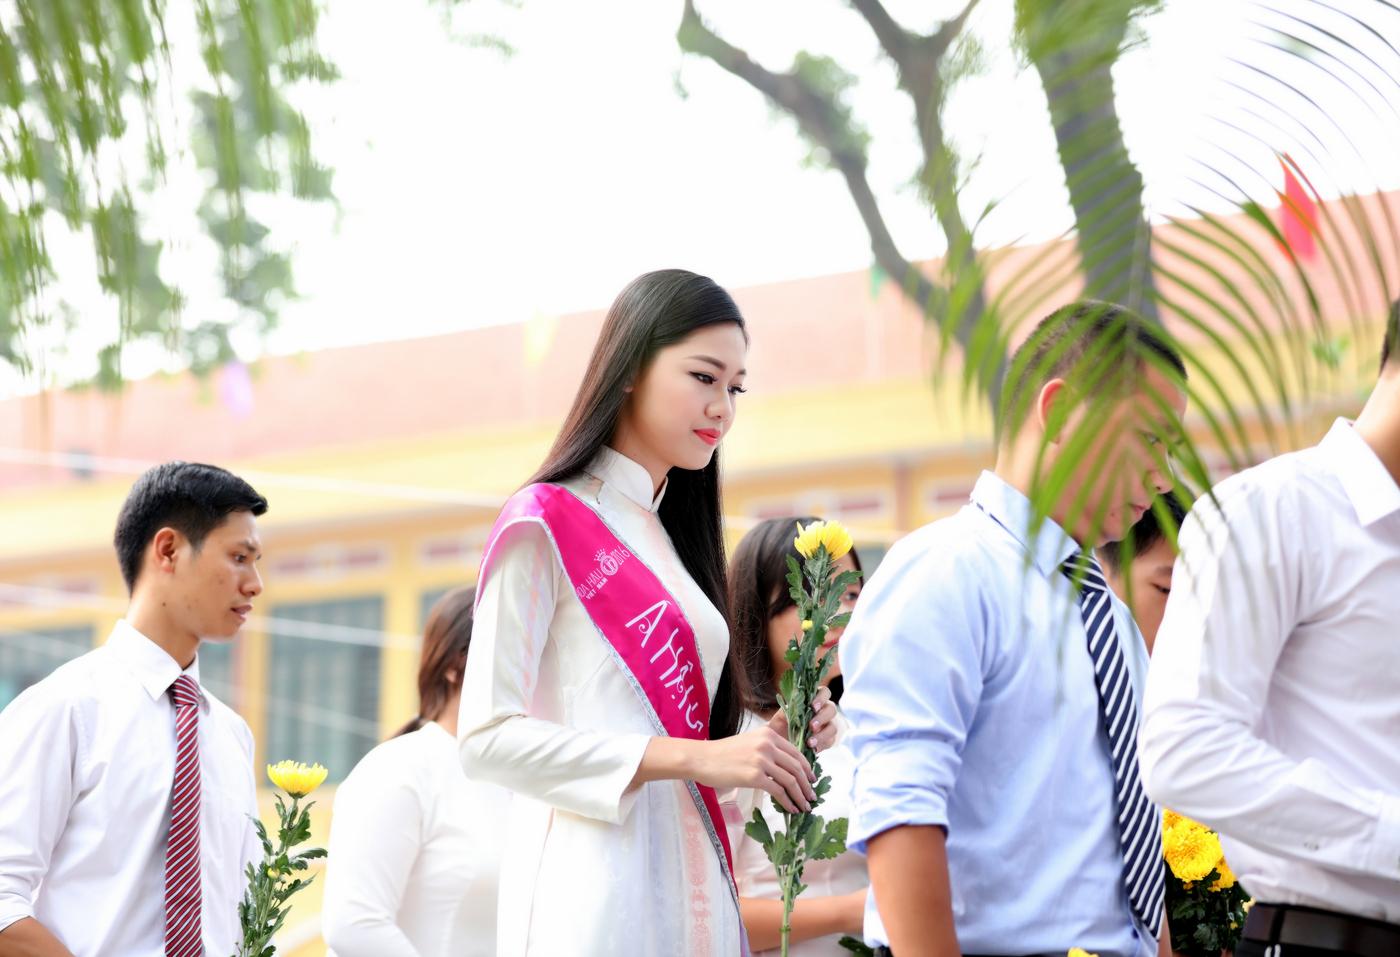 Á hậu 1 Ngô Thanh Thanh Tú về dự lễ khai giảng trường Chu Văn An 7